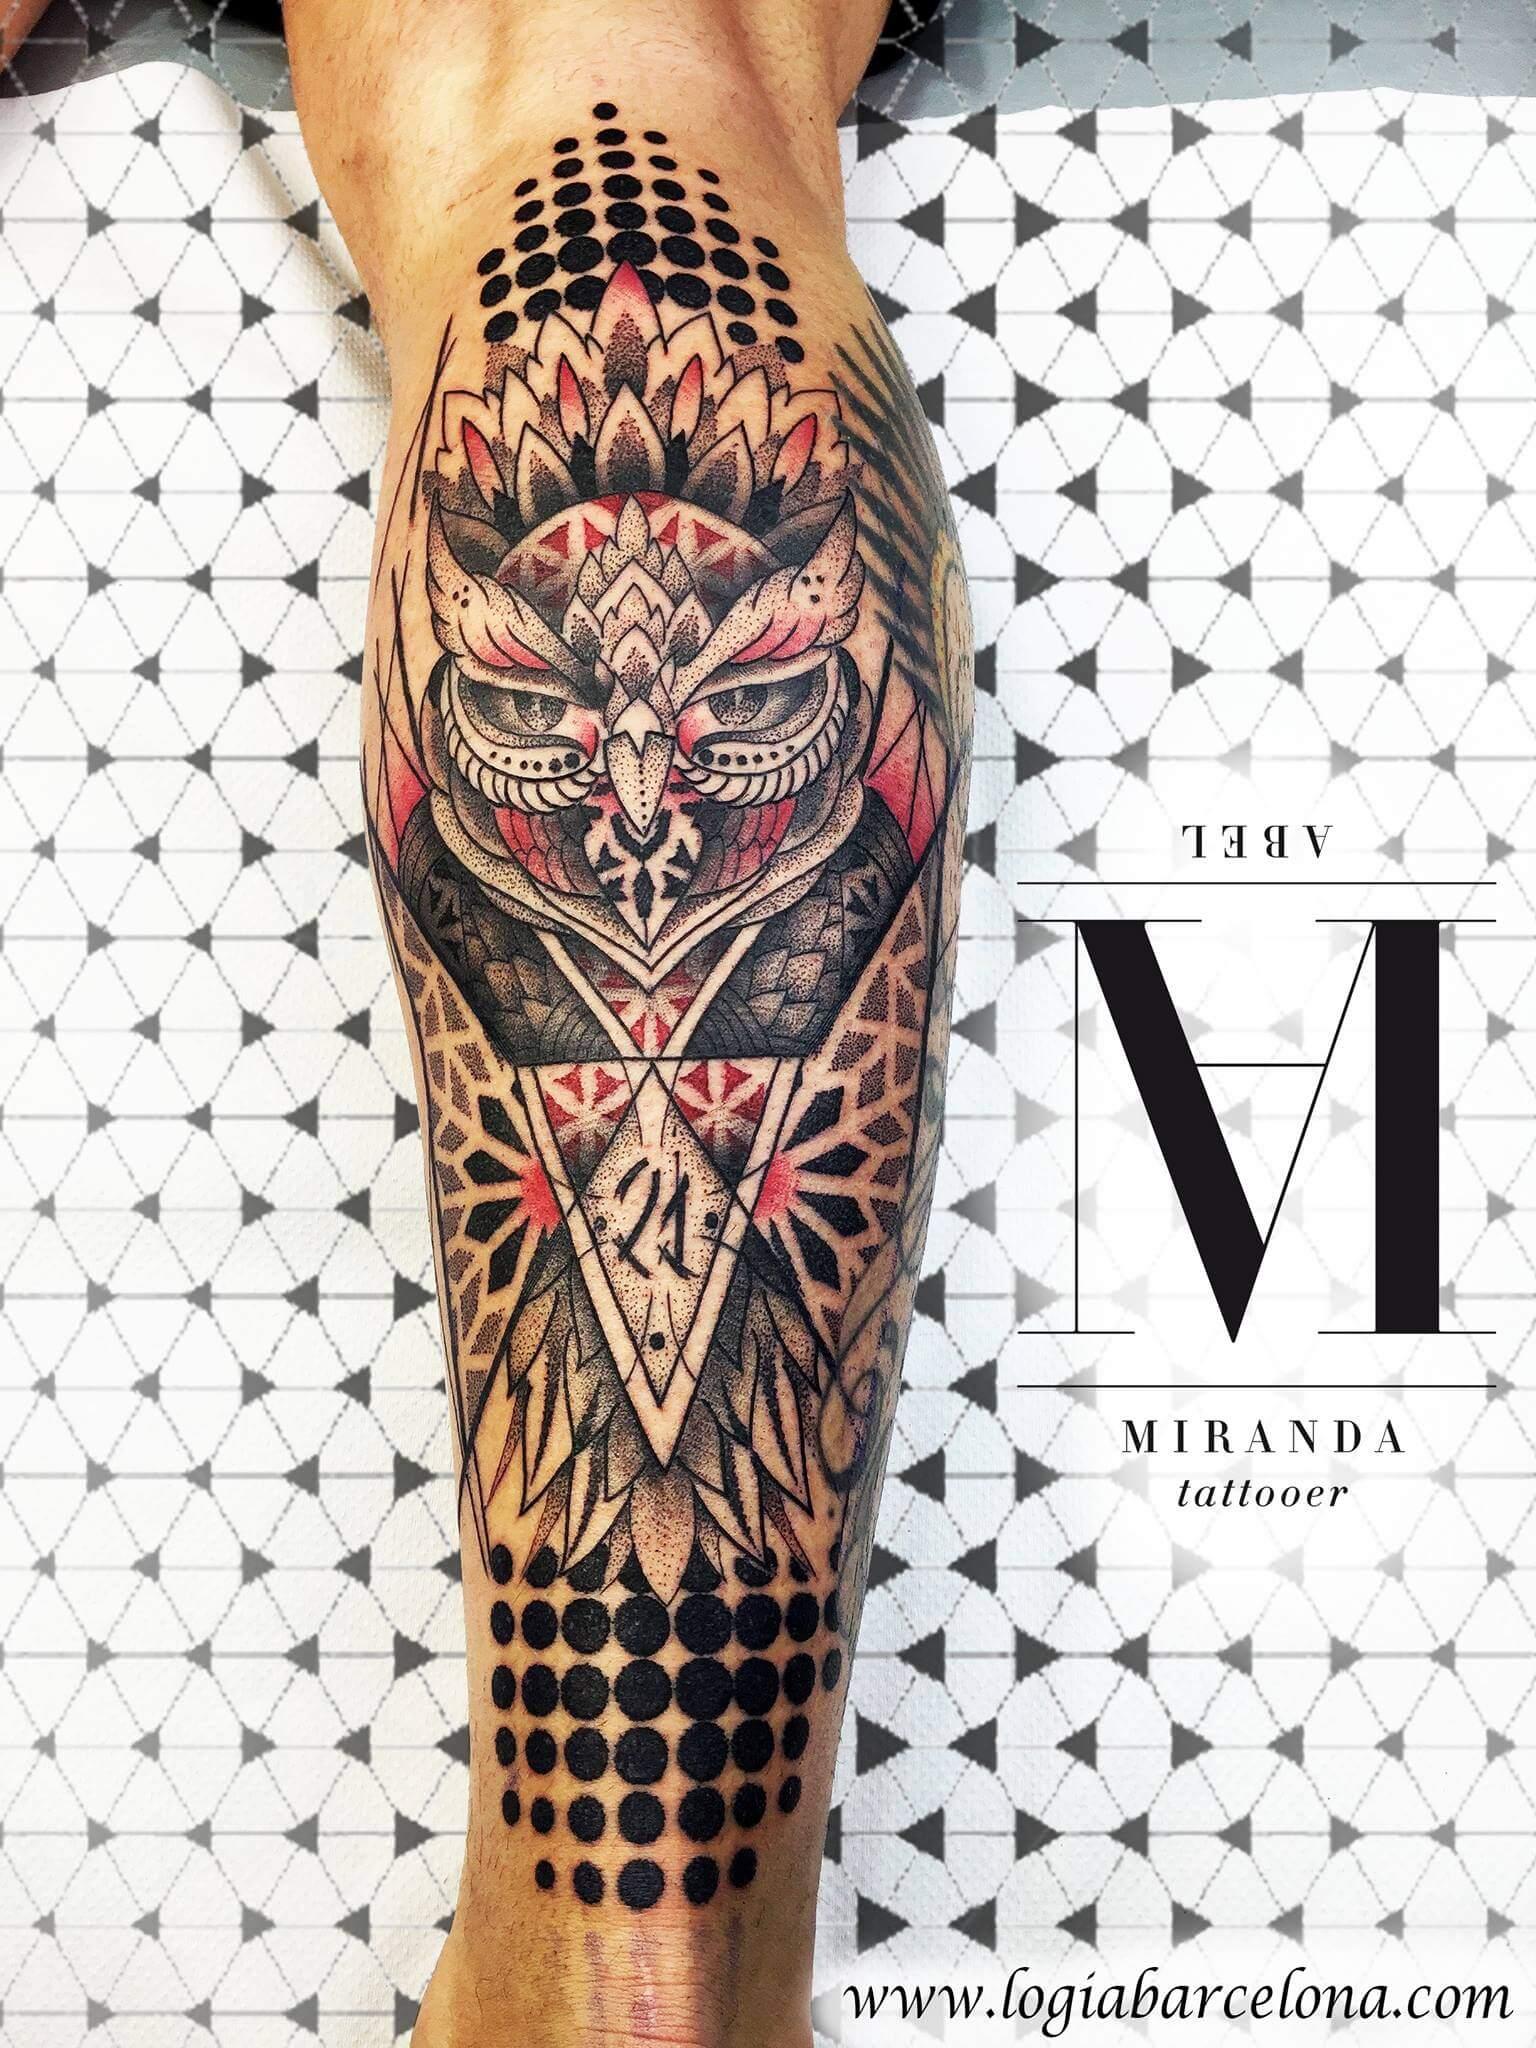 Tatuajes En El Gemelo Tatuajes Logia Barcelona - Tattoo-gemelos